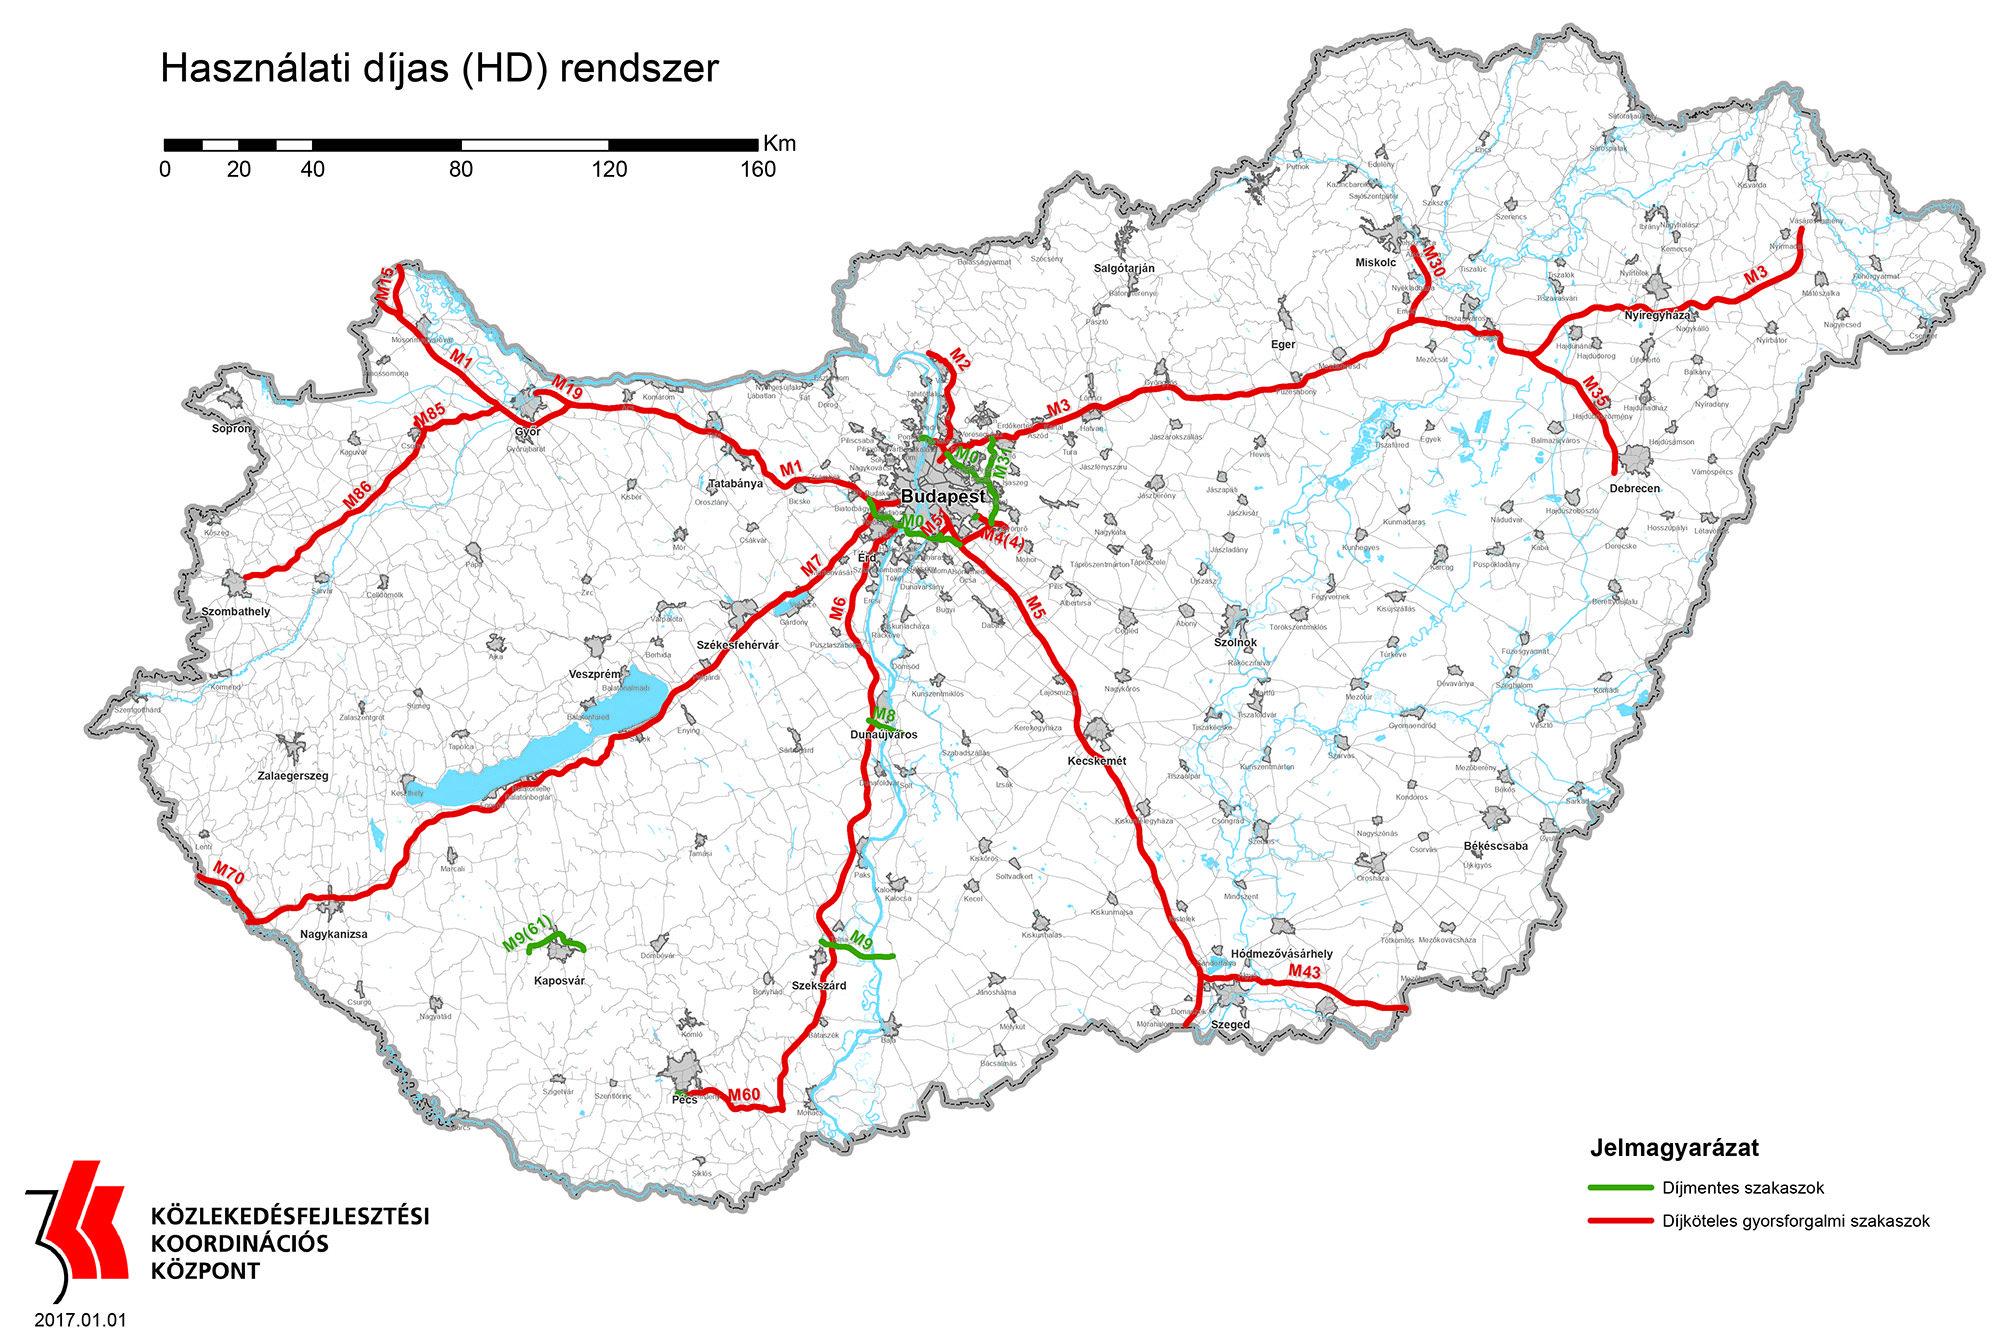 wegry mapa platnych drog